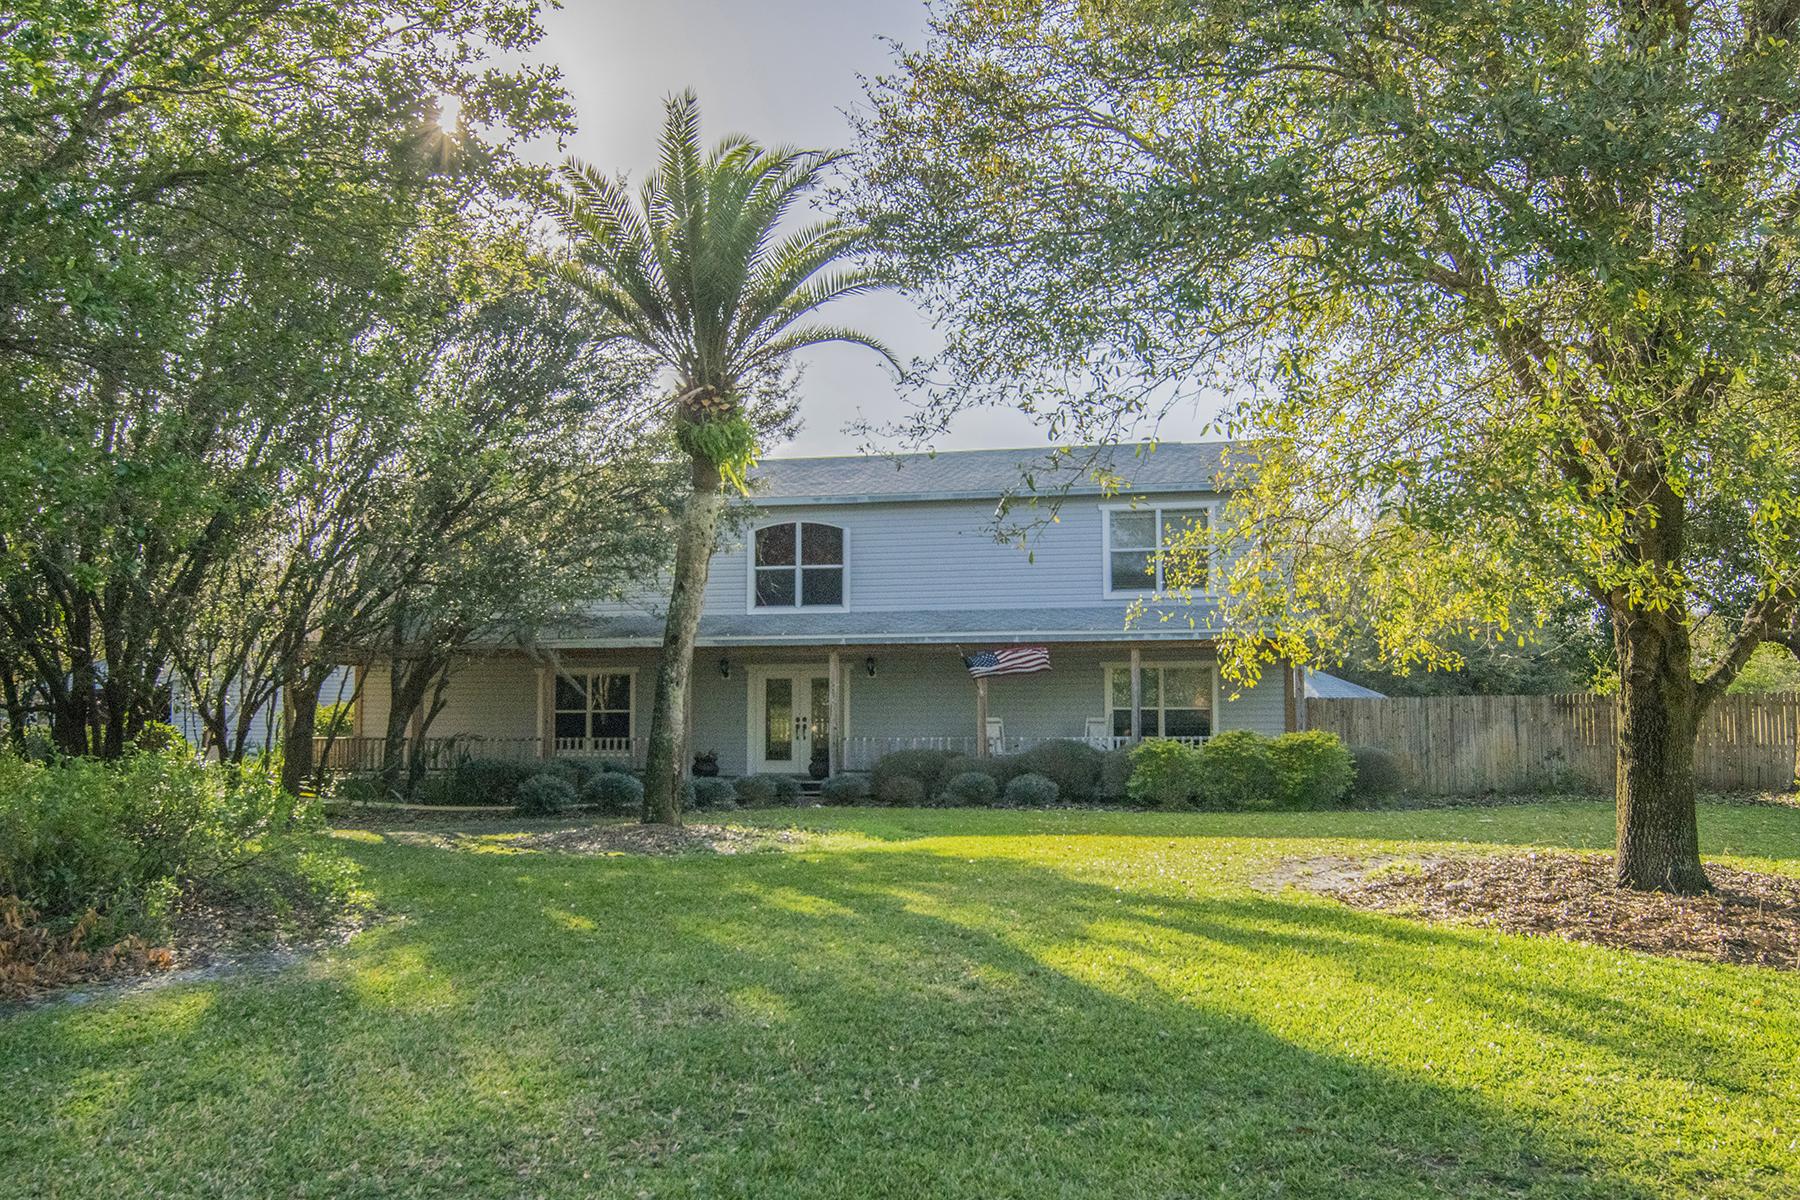 Maison unifamiliale pour l Vente à NEW PORT RICHEY 8633 Airway Blvd New Port Richey, Florida, 34654 États-Unis